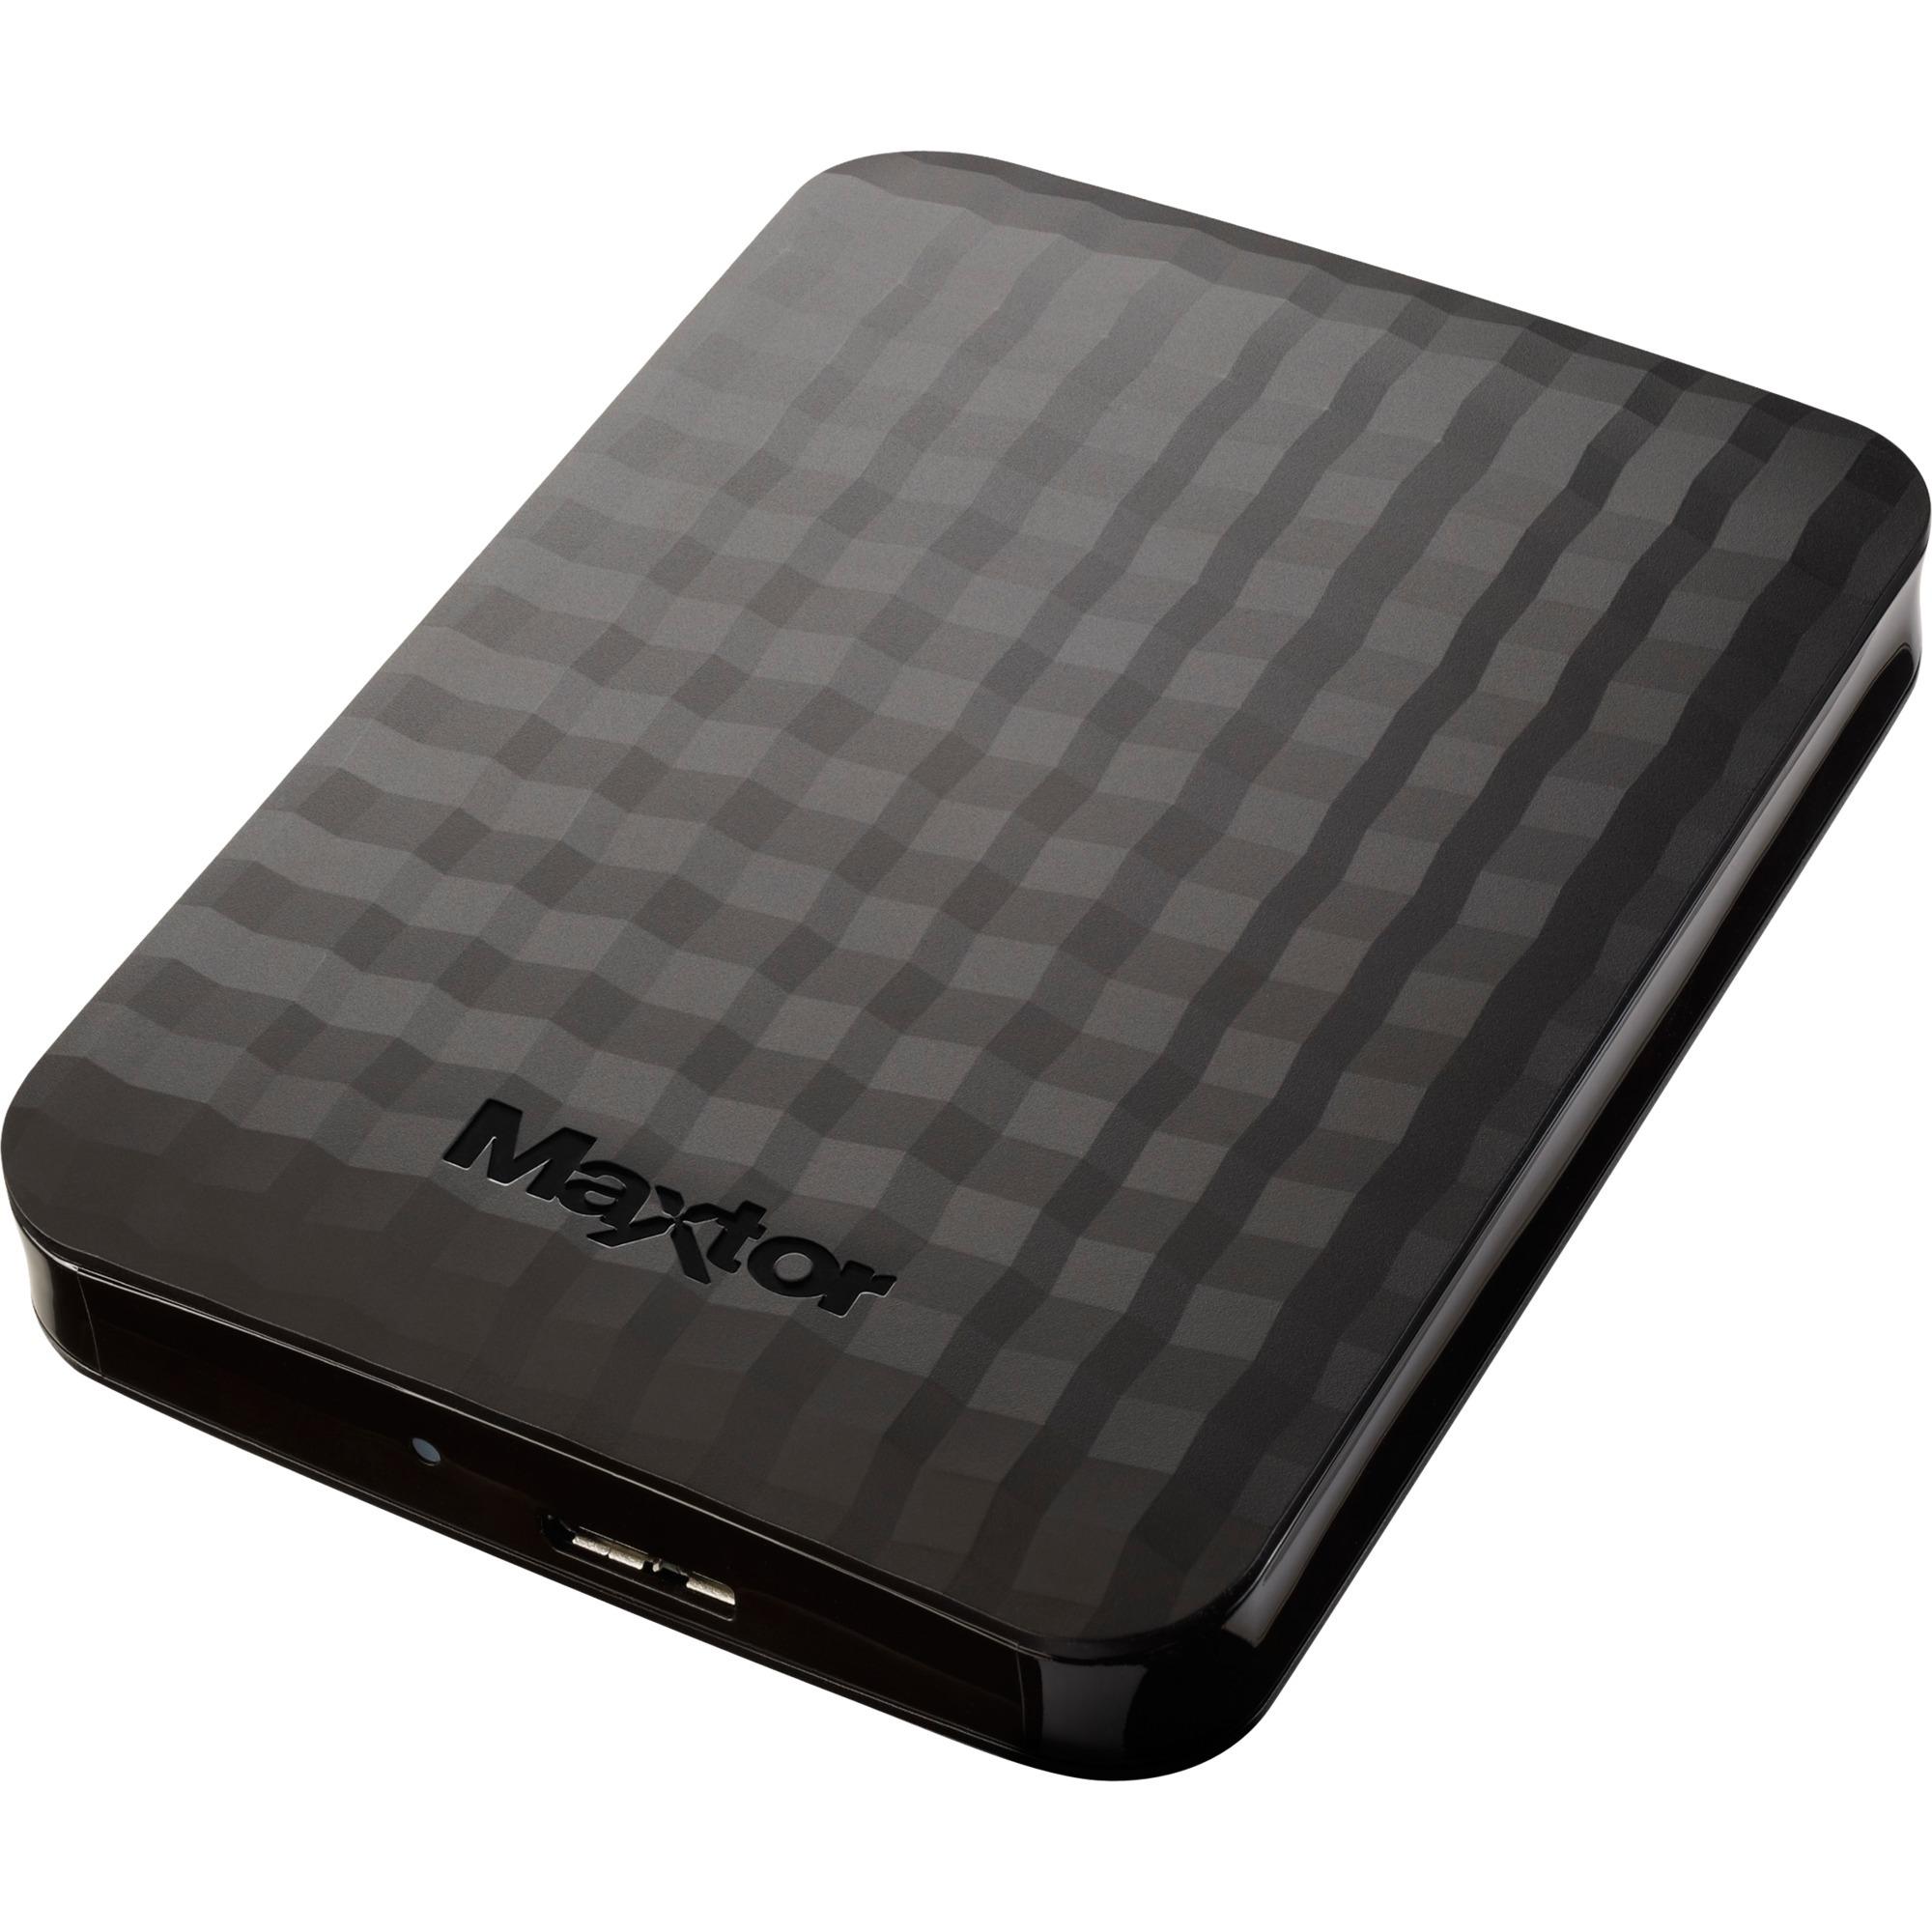 Maxtor M3 disco duro externo 1000 GB Negro, Unidad de disco duro